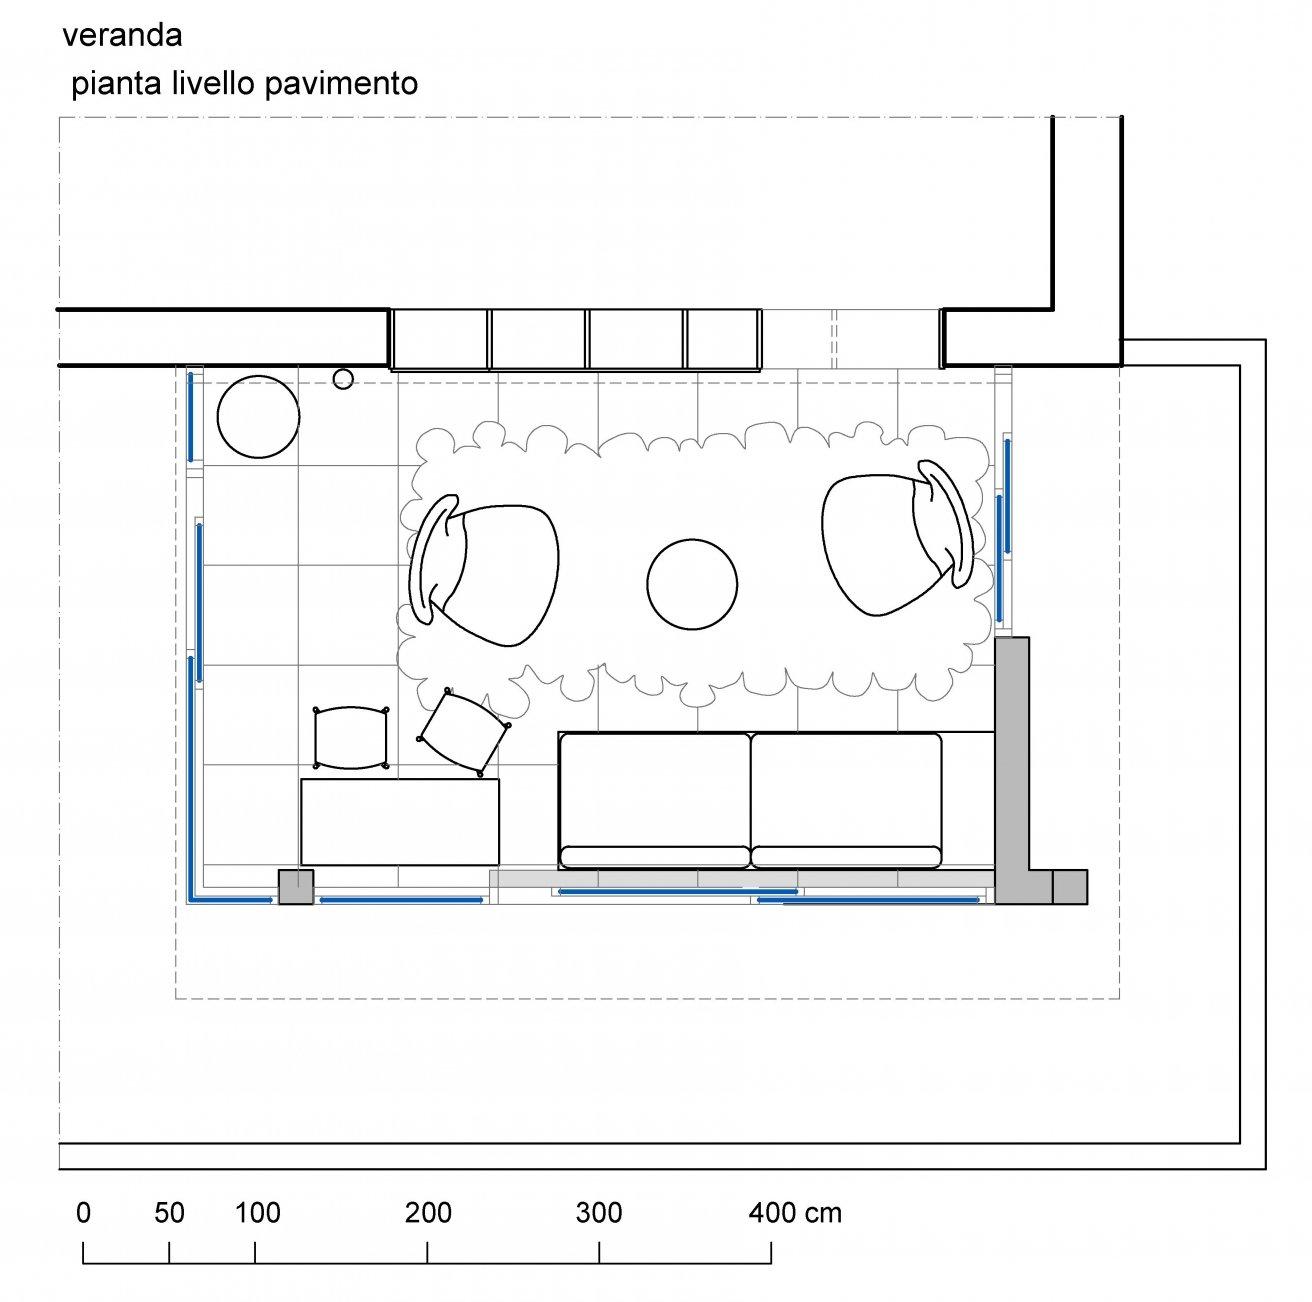 Serra Bioclimatica Normativa Lombardia chiudere il balcone per fare la veranda - cose di casa